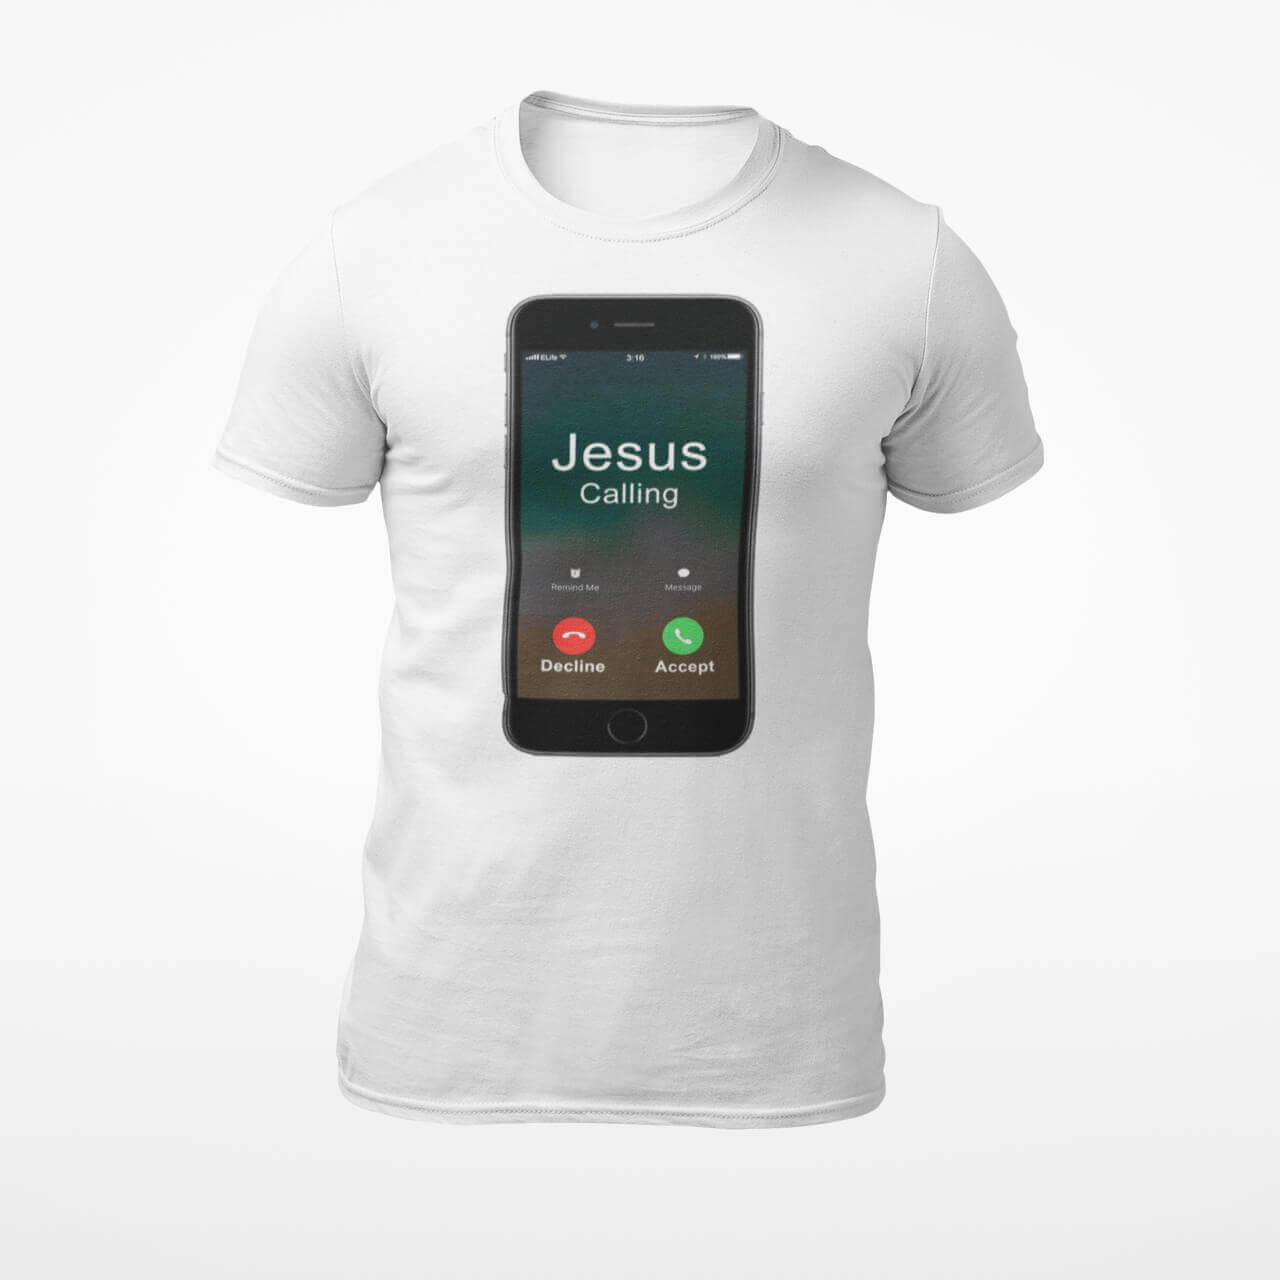 Jesus Calling T-Shirt